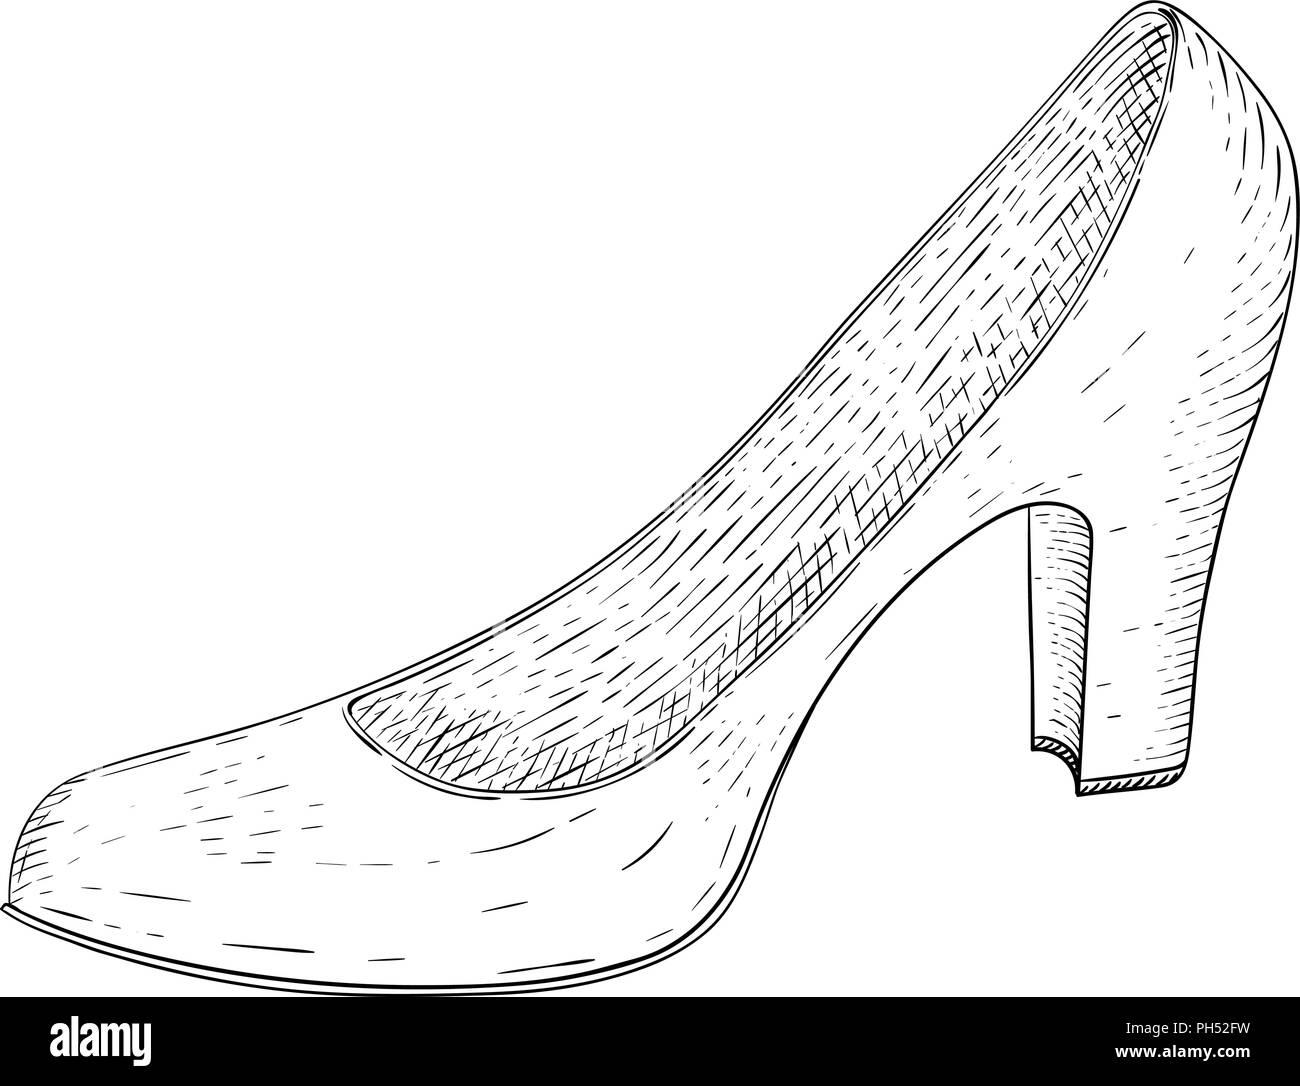 Frauen Schuh Hand Skizze Gezeichnet Vektor Abbildung Bild